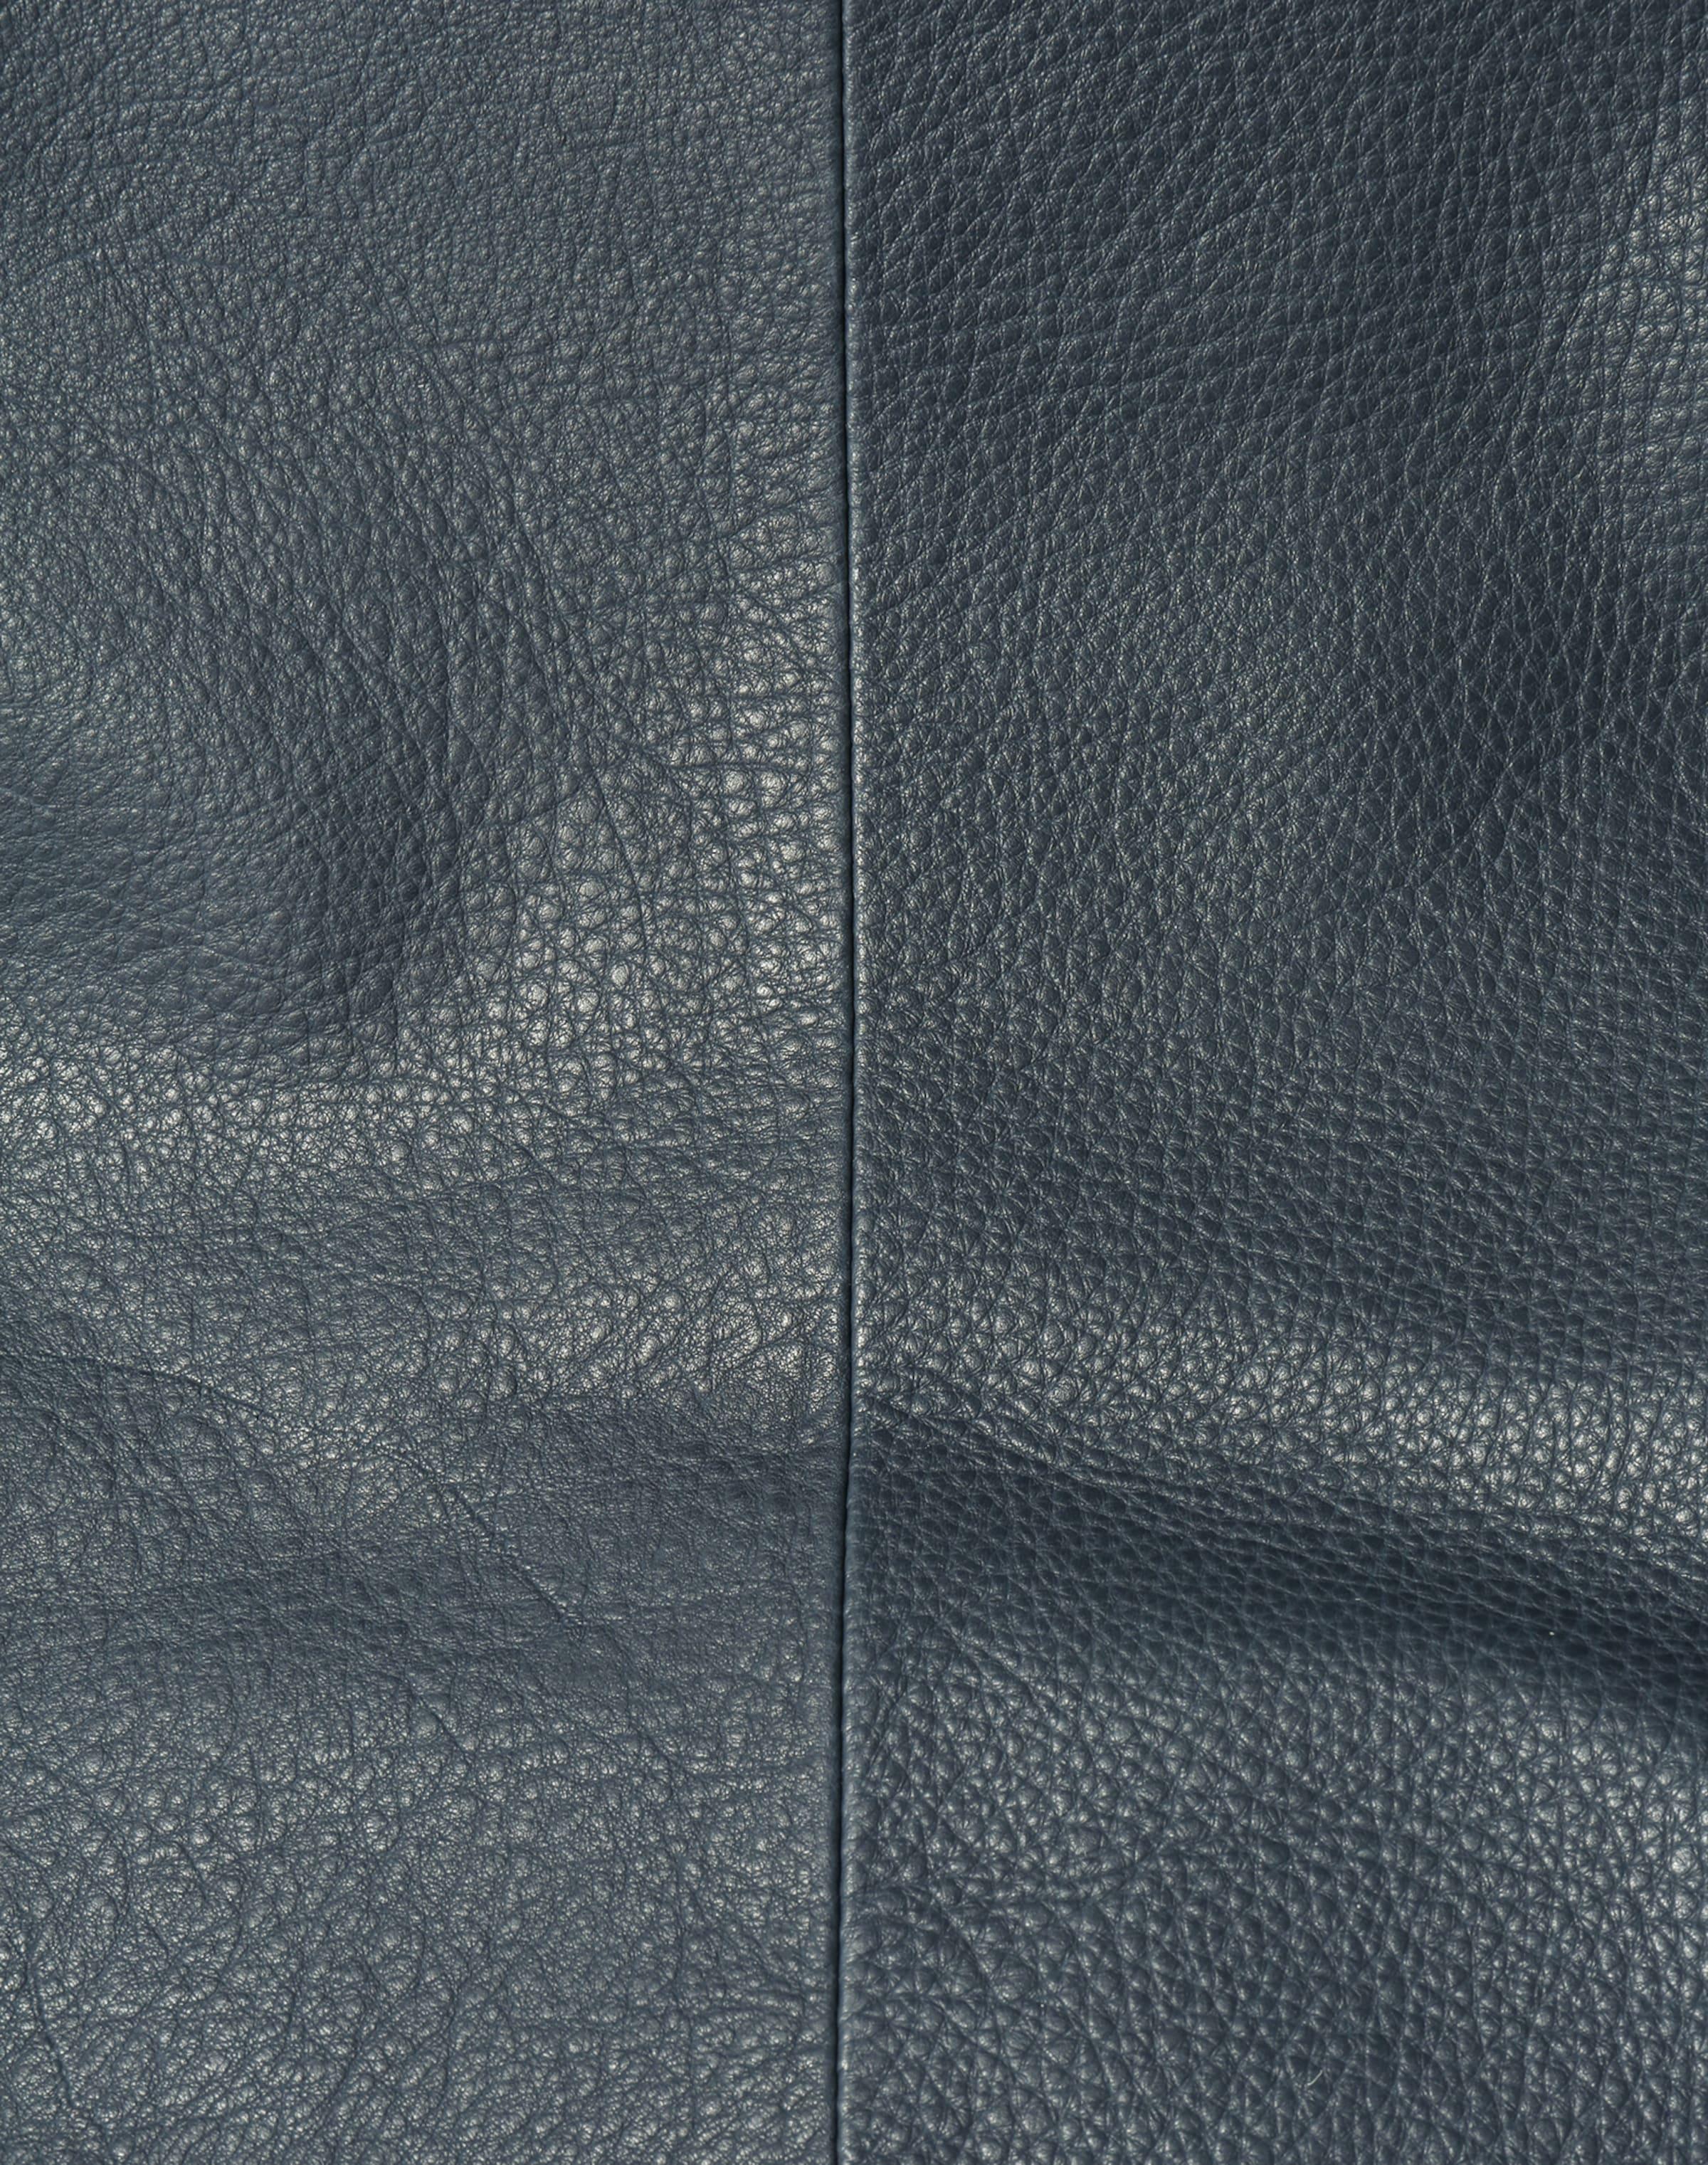 Marc O'Polo Shopper 'Seven' Outlet Erschwinglich Billig Verkauf Countdown-Paket Freies Verschiffen 2018 Neue Bester Preiswerter Großhandelspreis JqOyZtUU